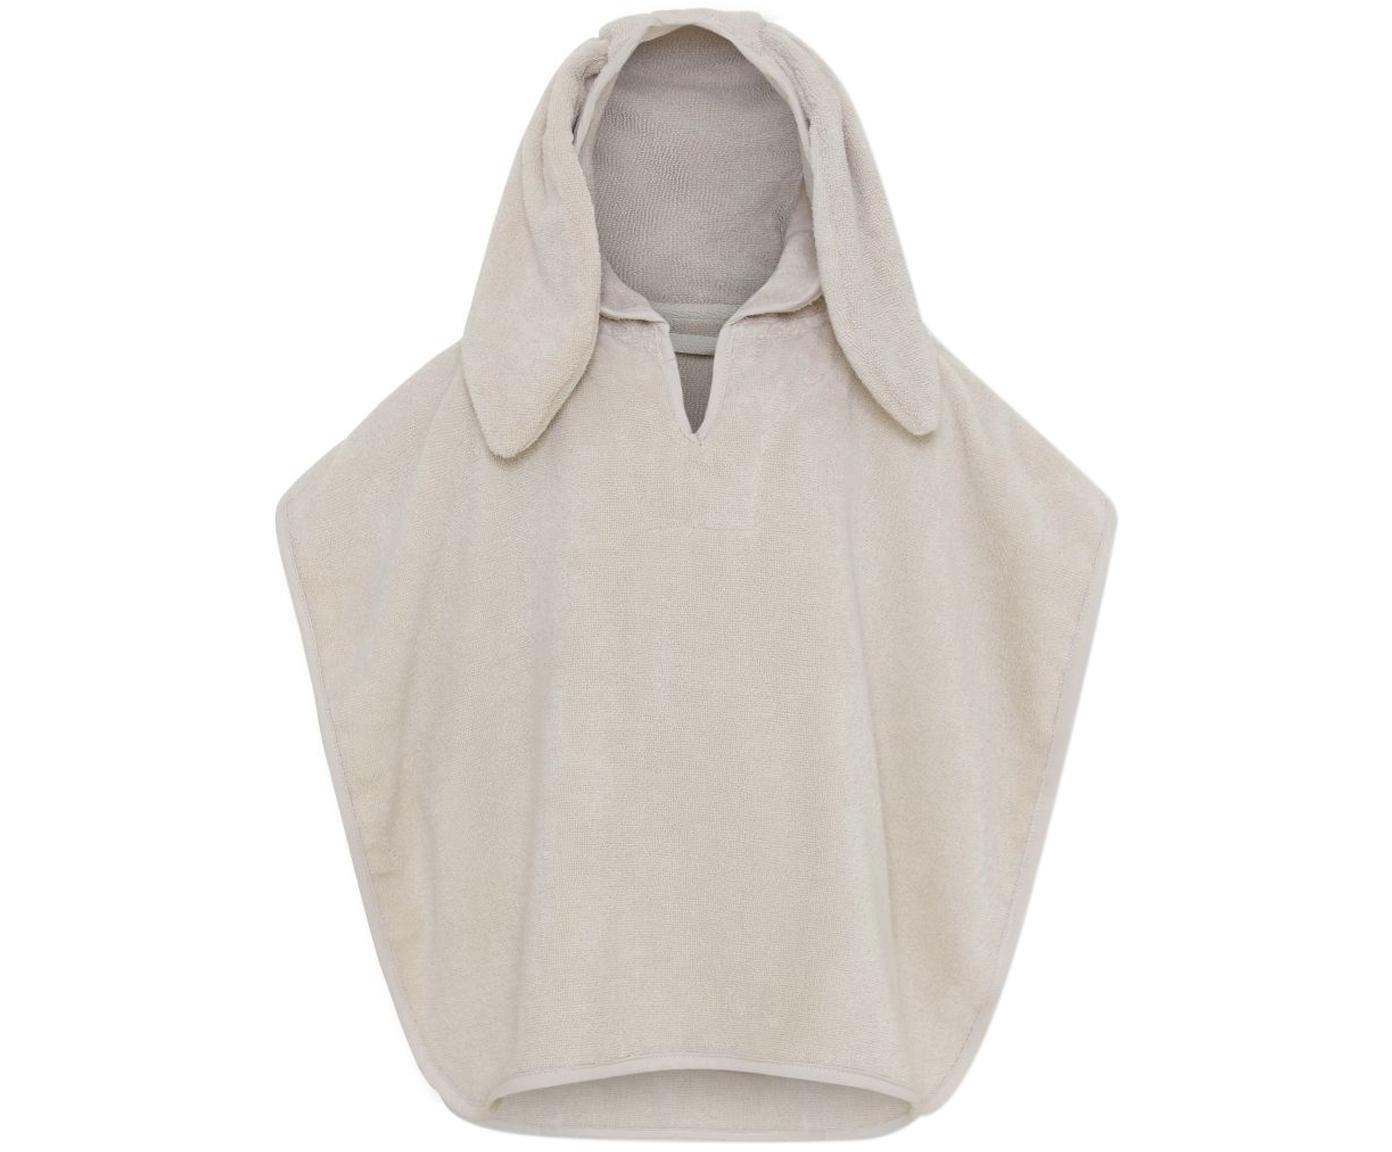 Poncho Terry aus Bio-Baumwolle, Bio-Baumwolle, Beige, 25 x 30 cm